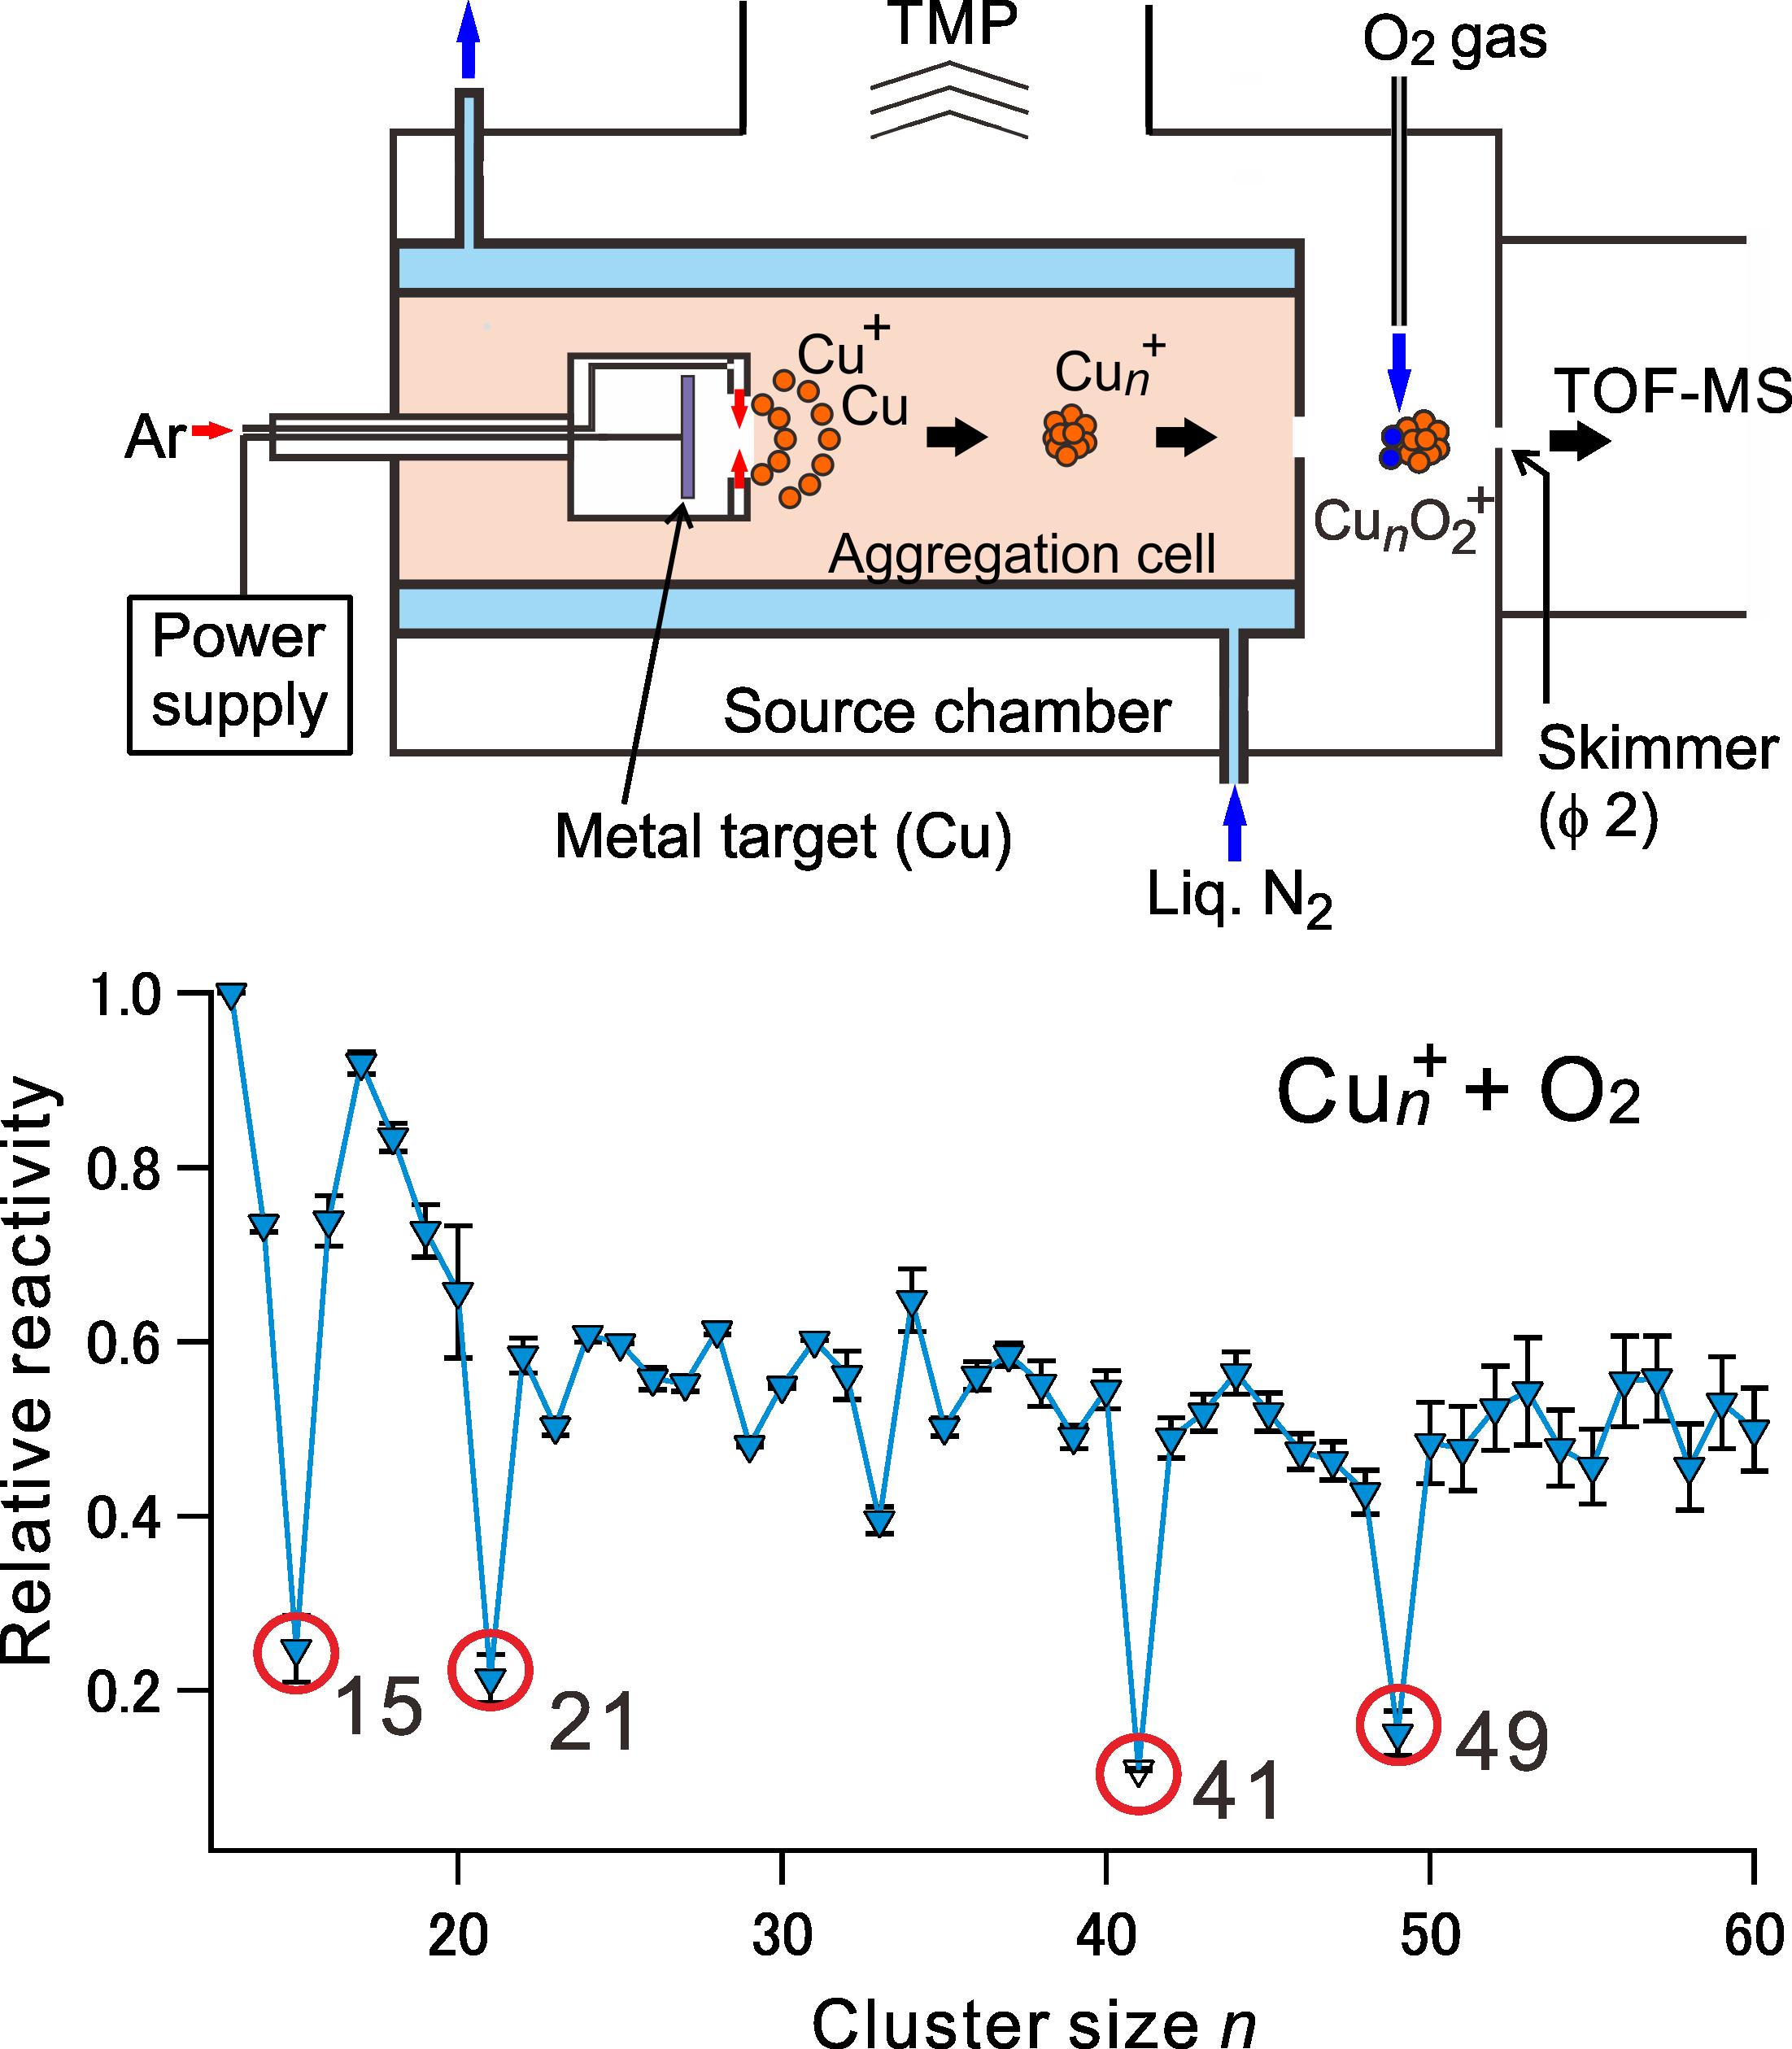 図 クラスター 分布